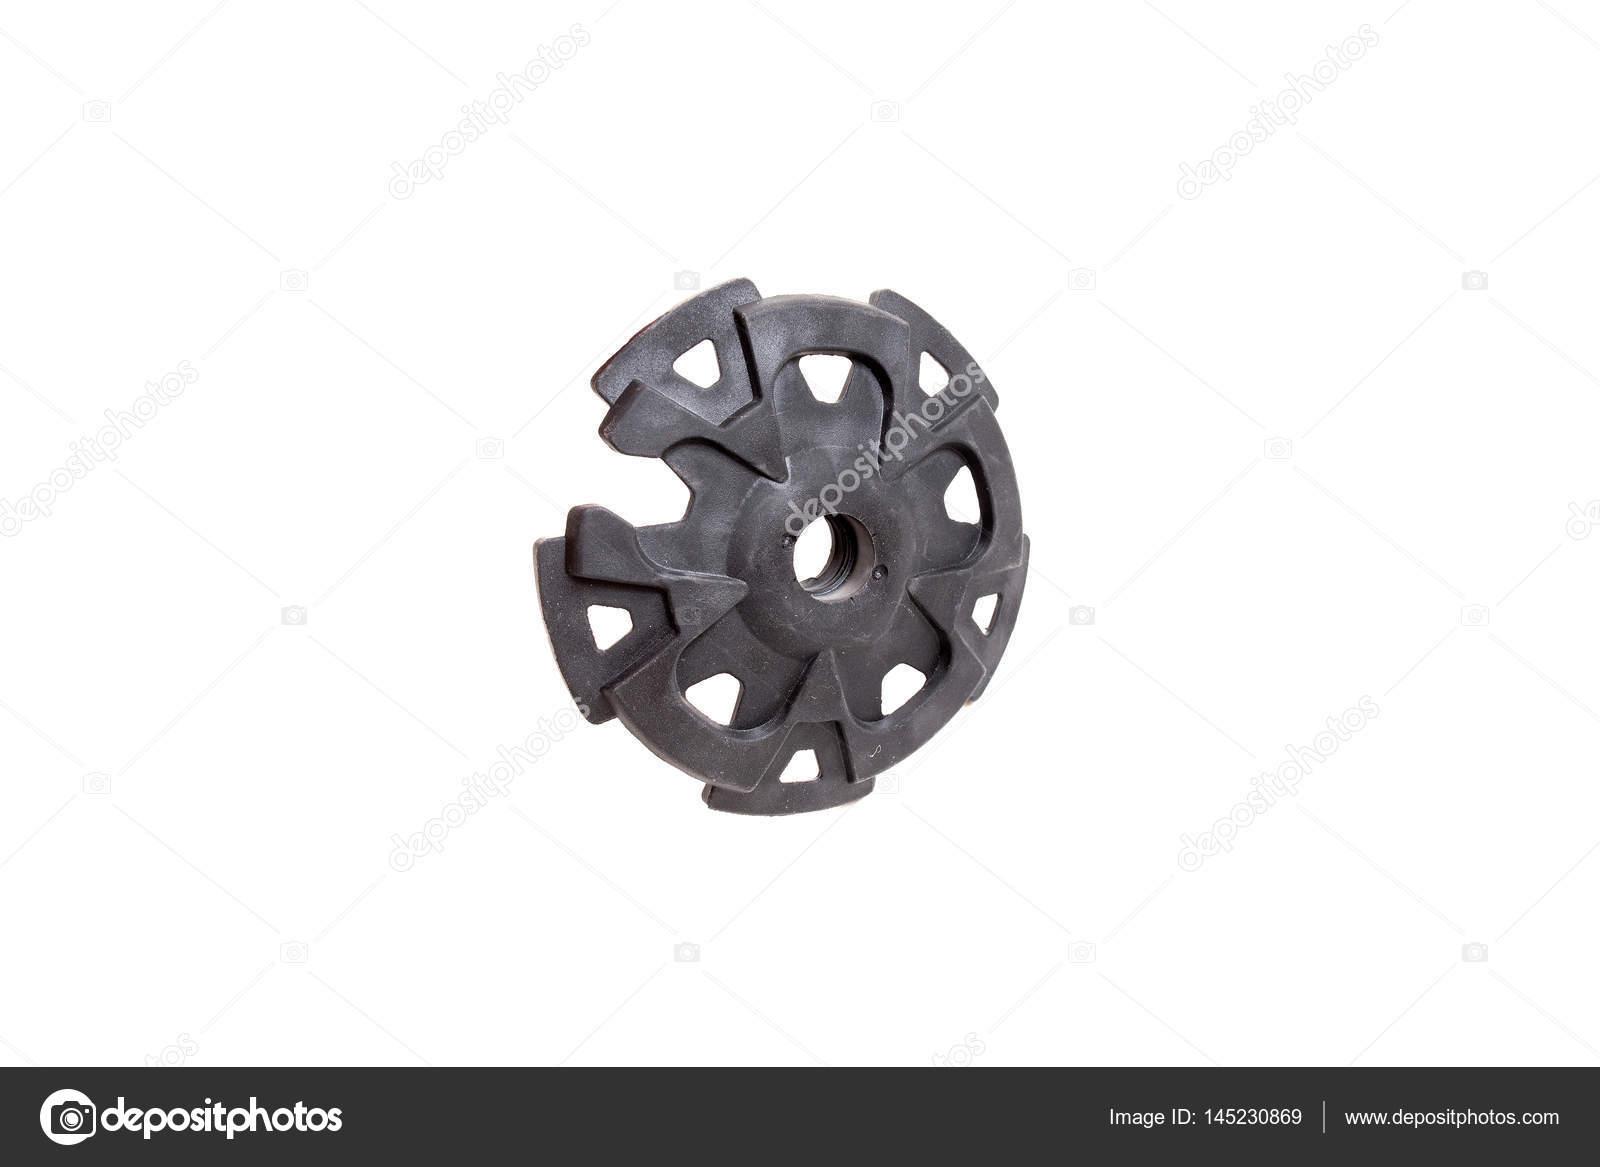 All Black Enement Rings | Ring Von Wandern Oder Ski Stick Isoliert Element Stockfoto